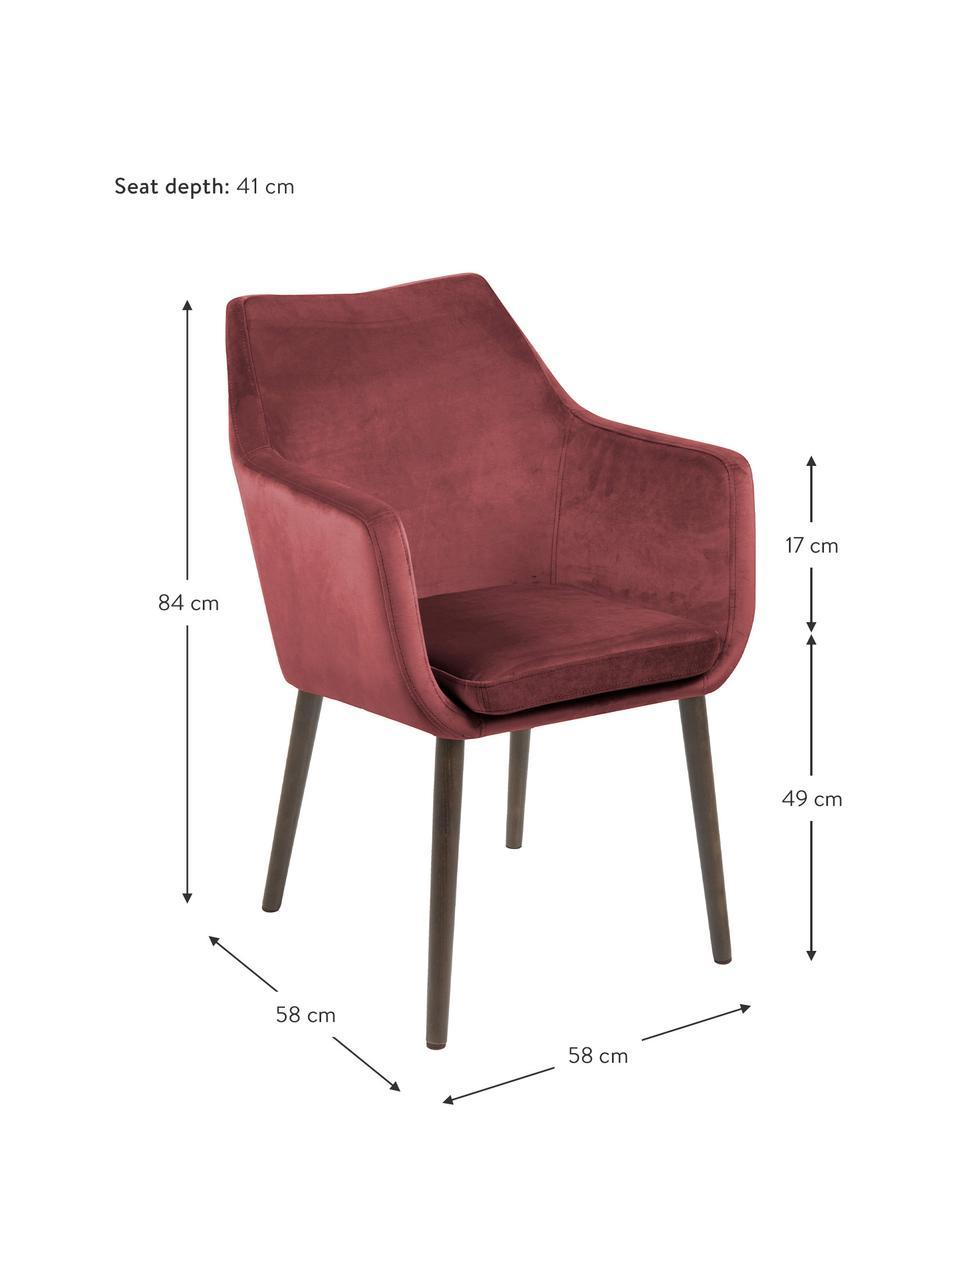 Krzesło z podłokietnikami z aksamitu Nora, Tapicerka: aksamit poliestrowy Dzięk, Nogi: metal powlekany, Koralowy, czarny, S 58 x G 58 cm